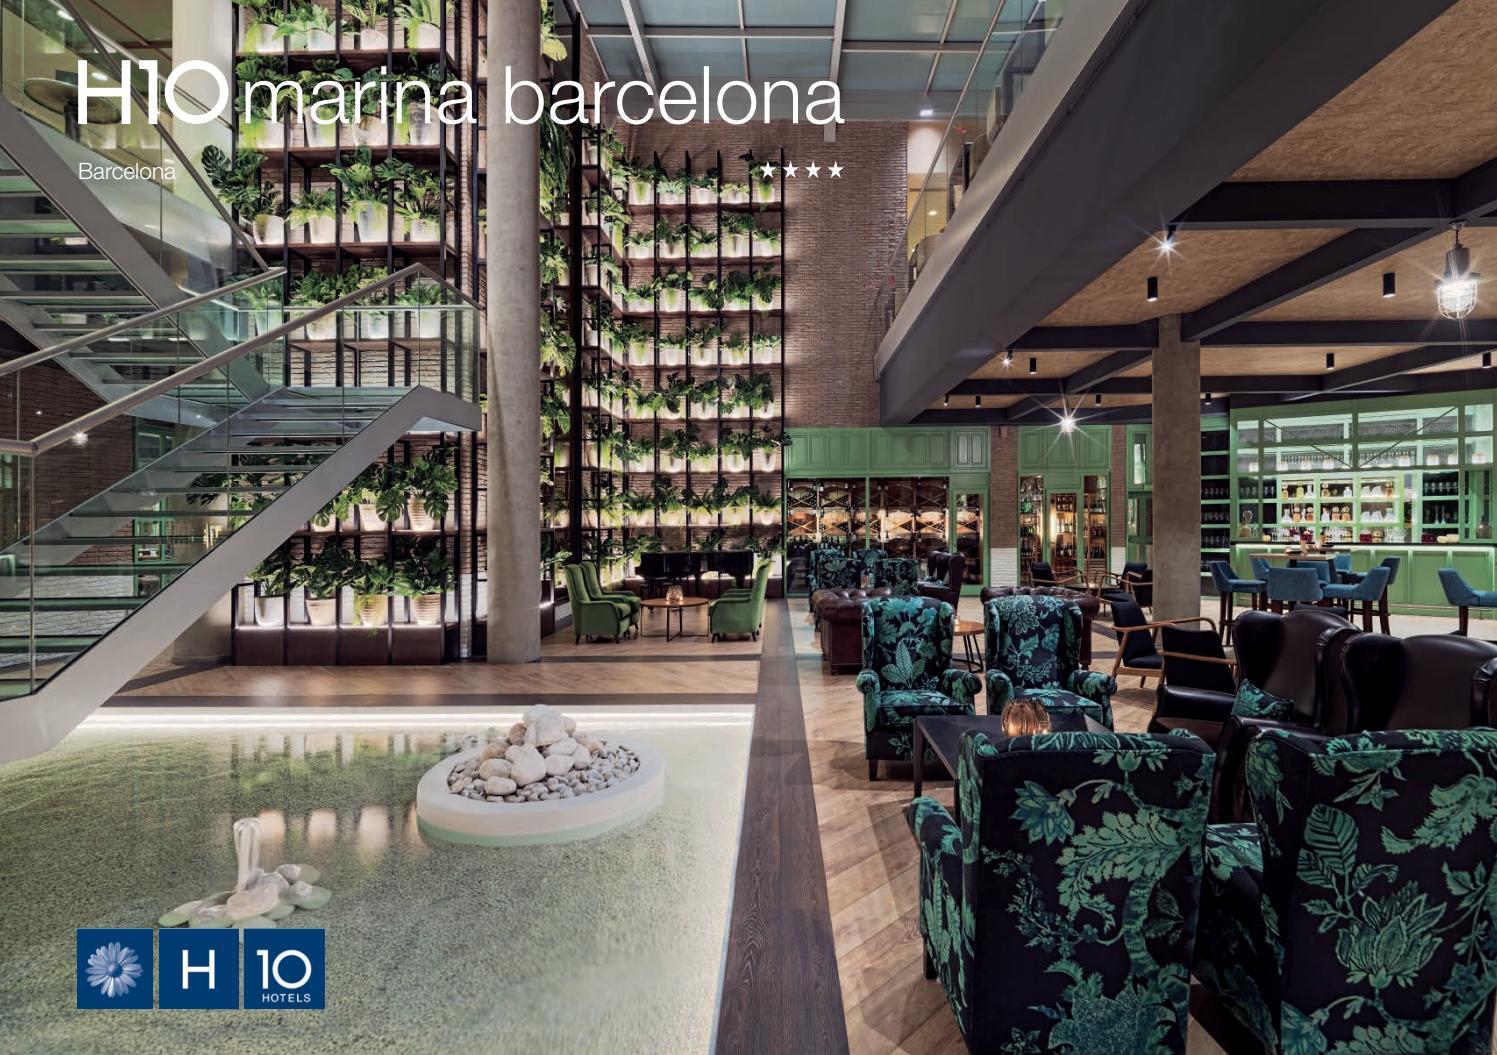 H10 Marina Barcelona By H10 Hotels Issuu